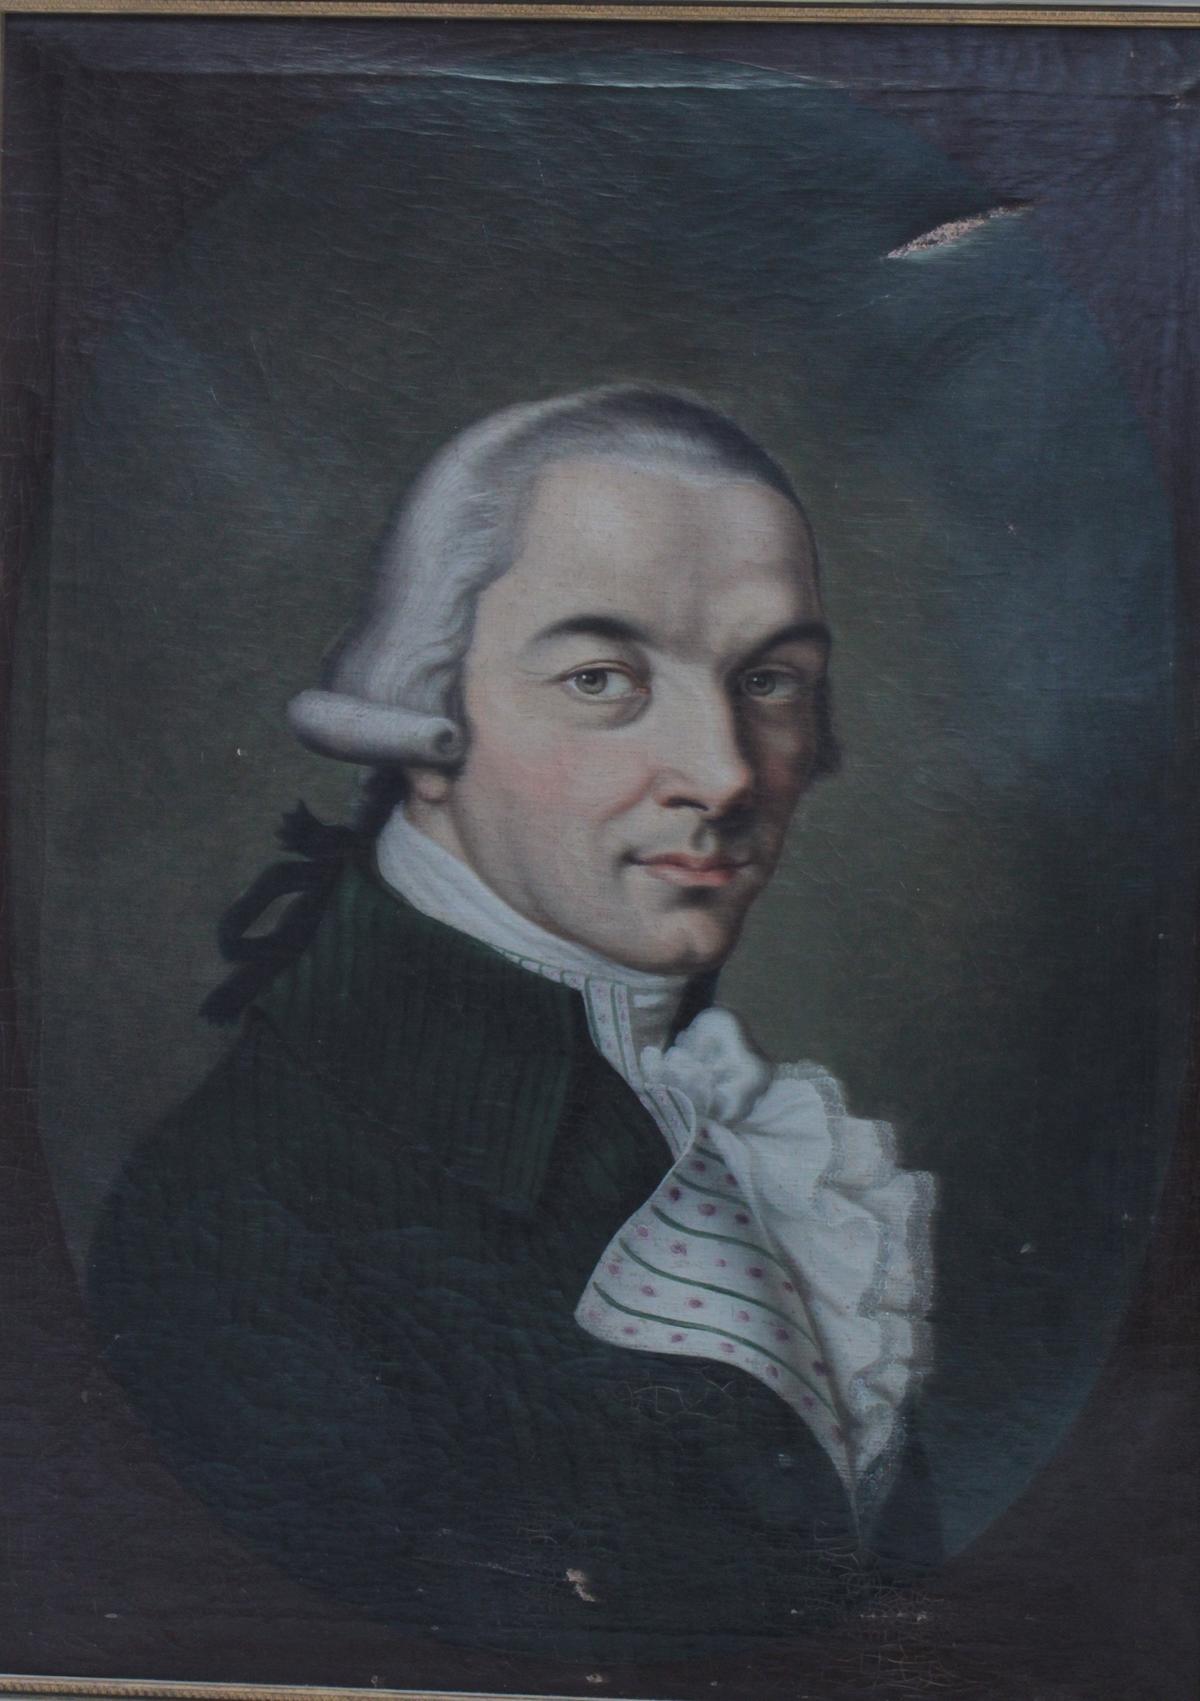 Damen- und Herrenportrait, 18. Jh.-2